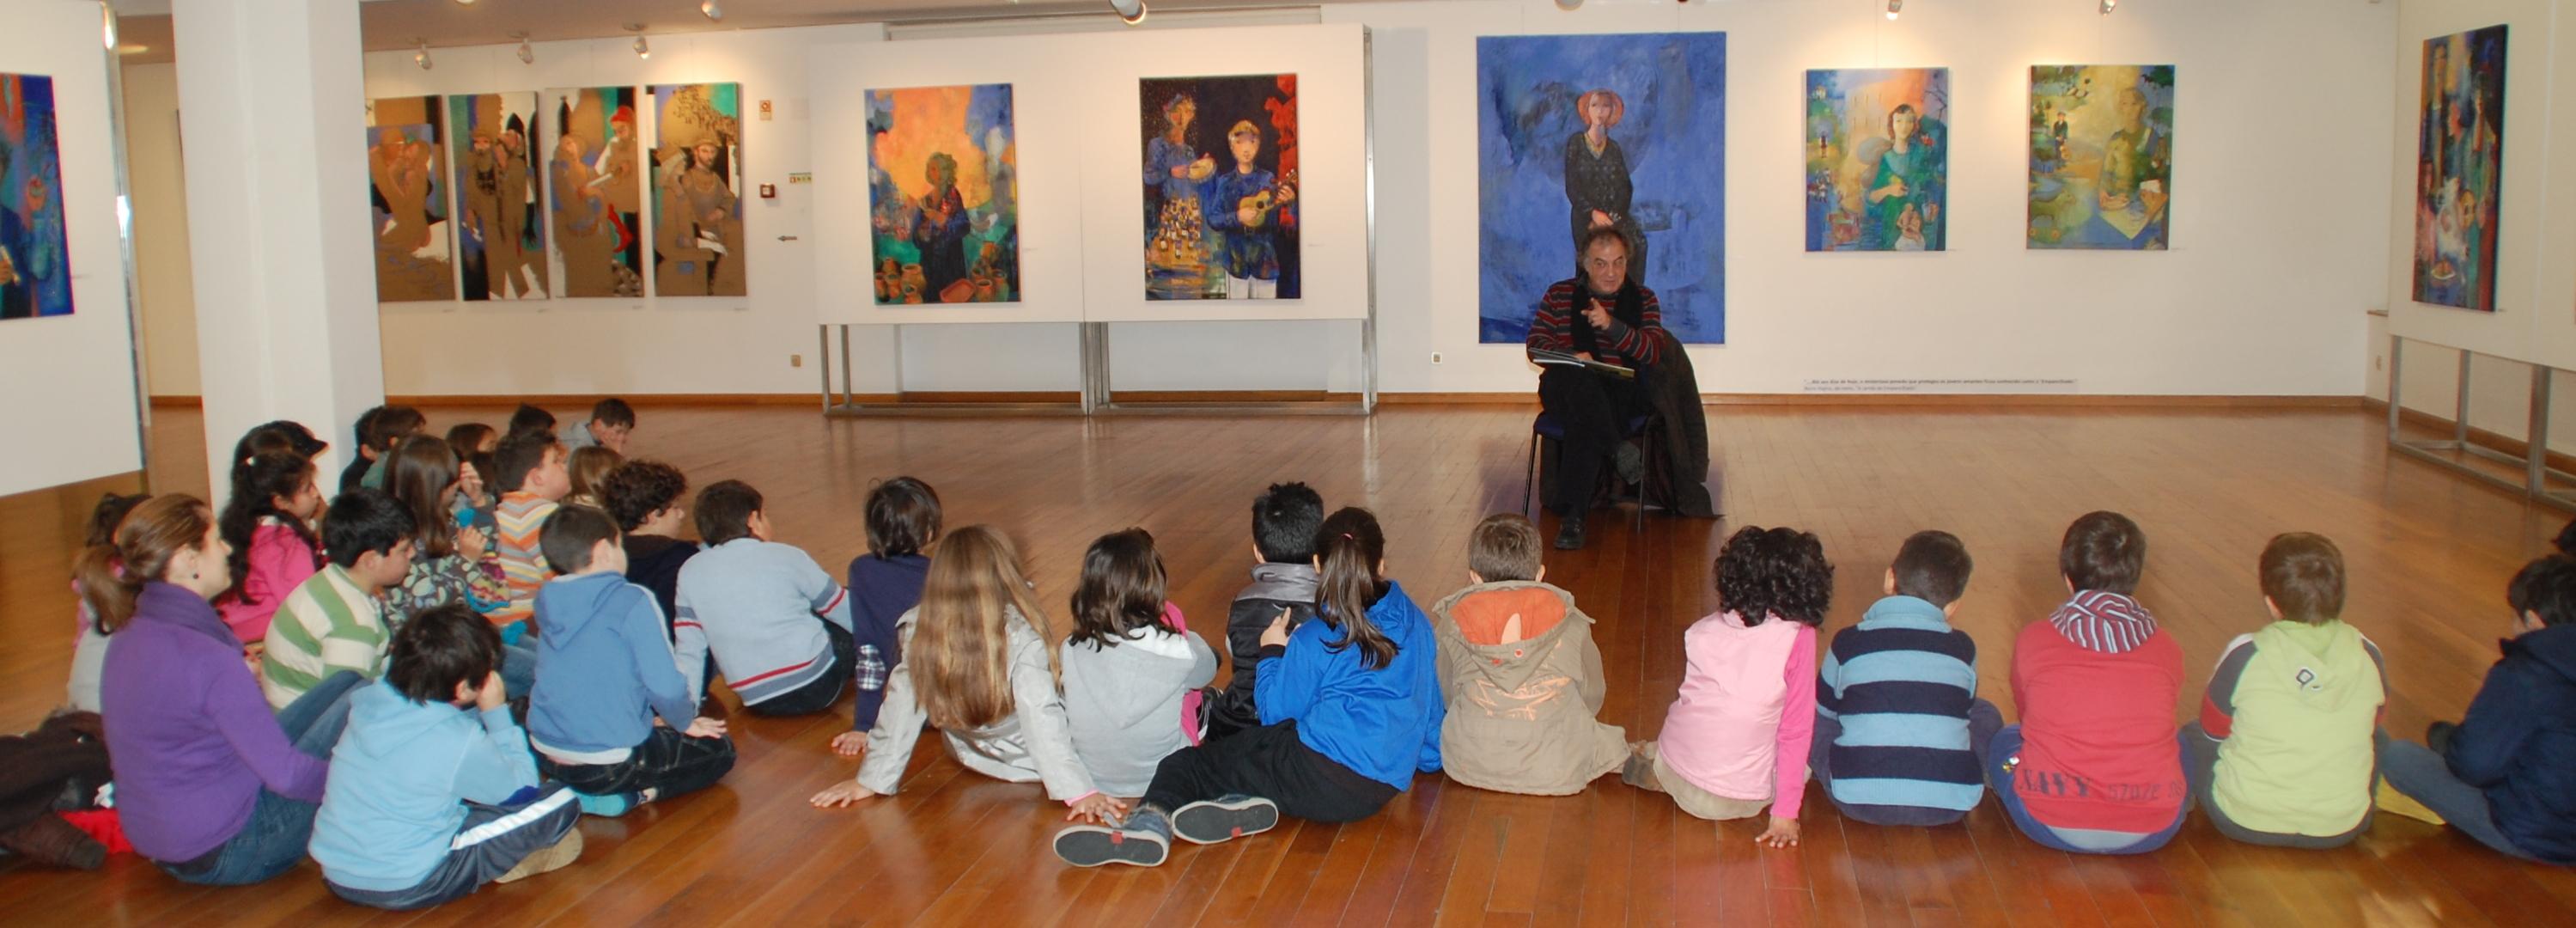 Alunos de escolas de Barcelos visitam exposição na Galeria de Arte